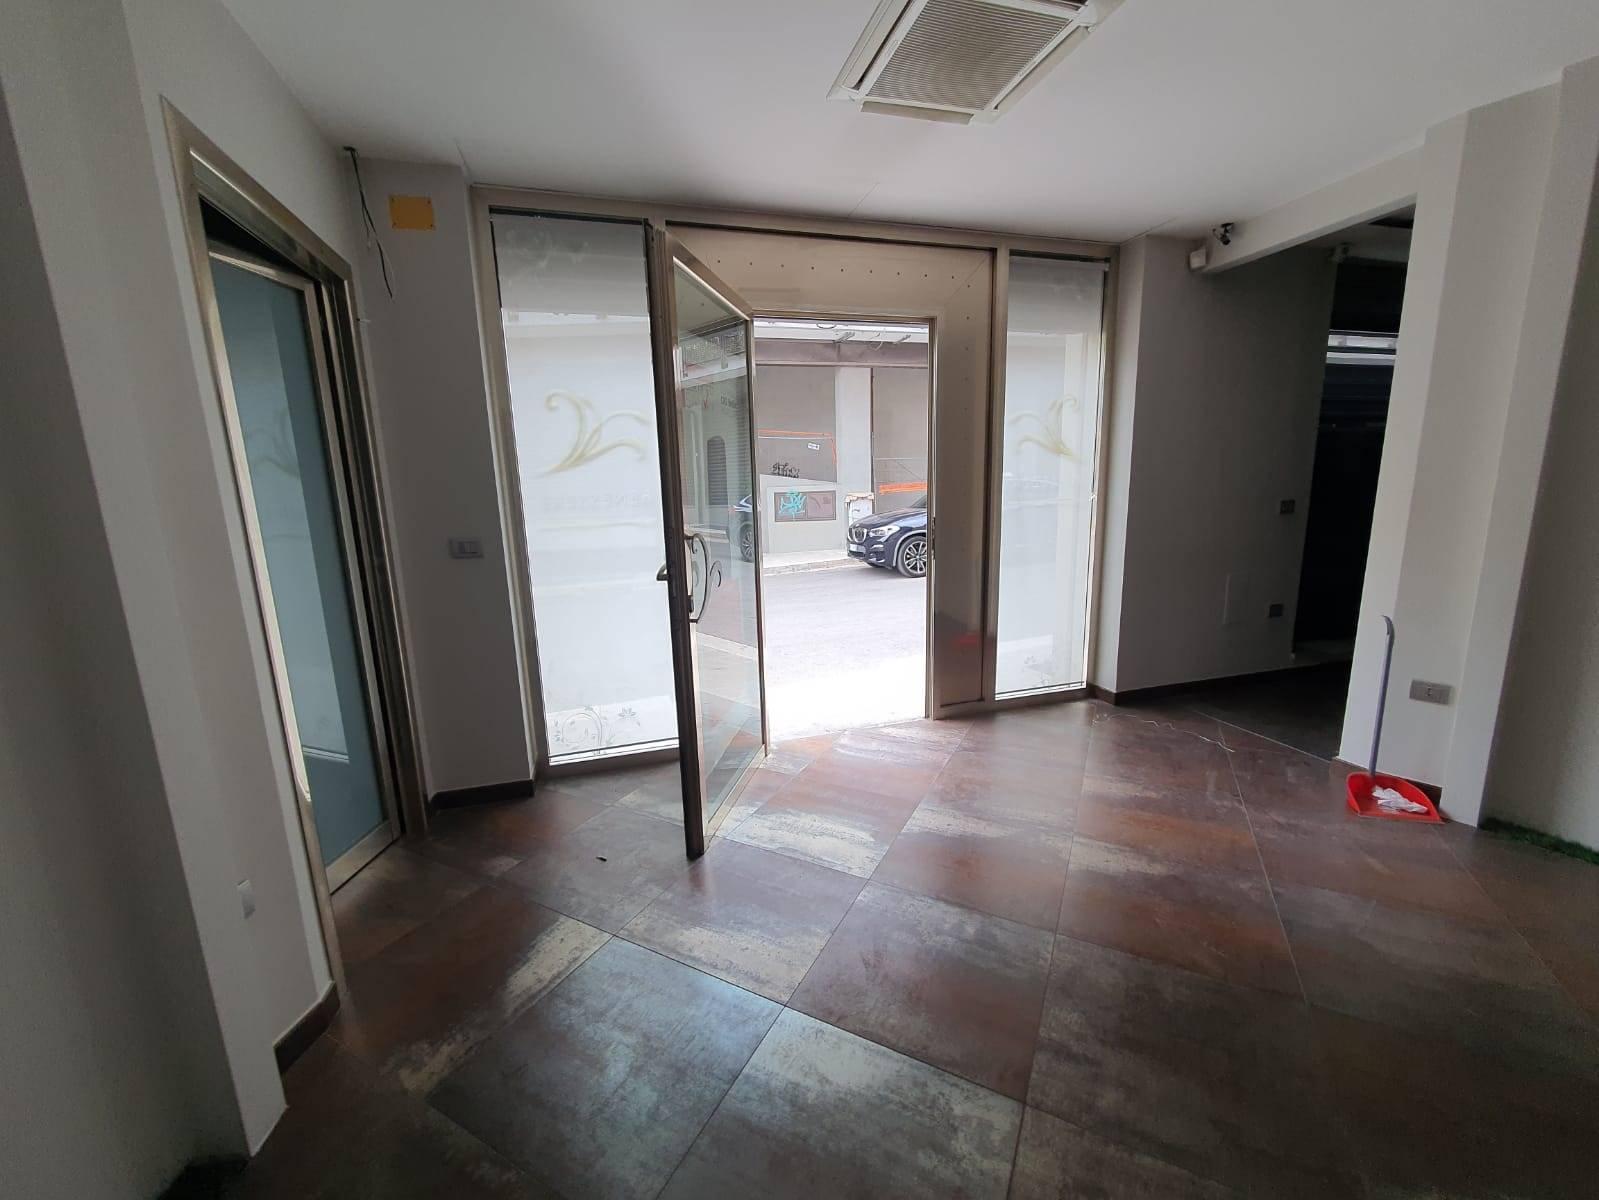 Immobile Commerciale in affitto a Altamura, 4 locali, zona Località: VIA CASSANO, prezzo € 1.100   CambioCasa.it